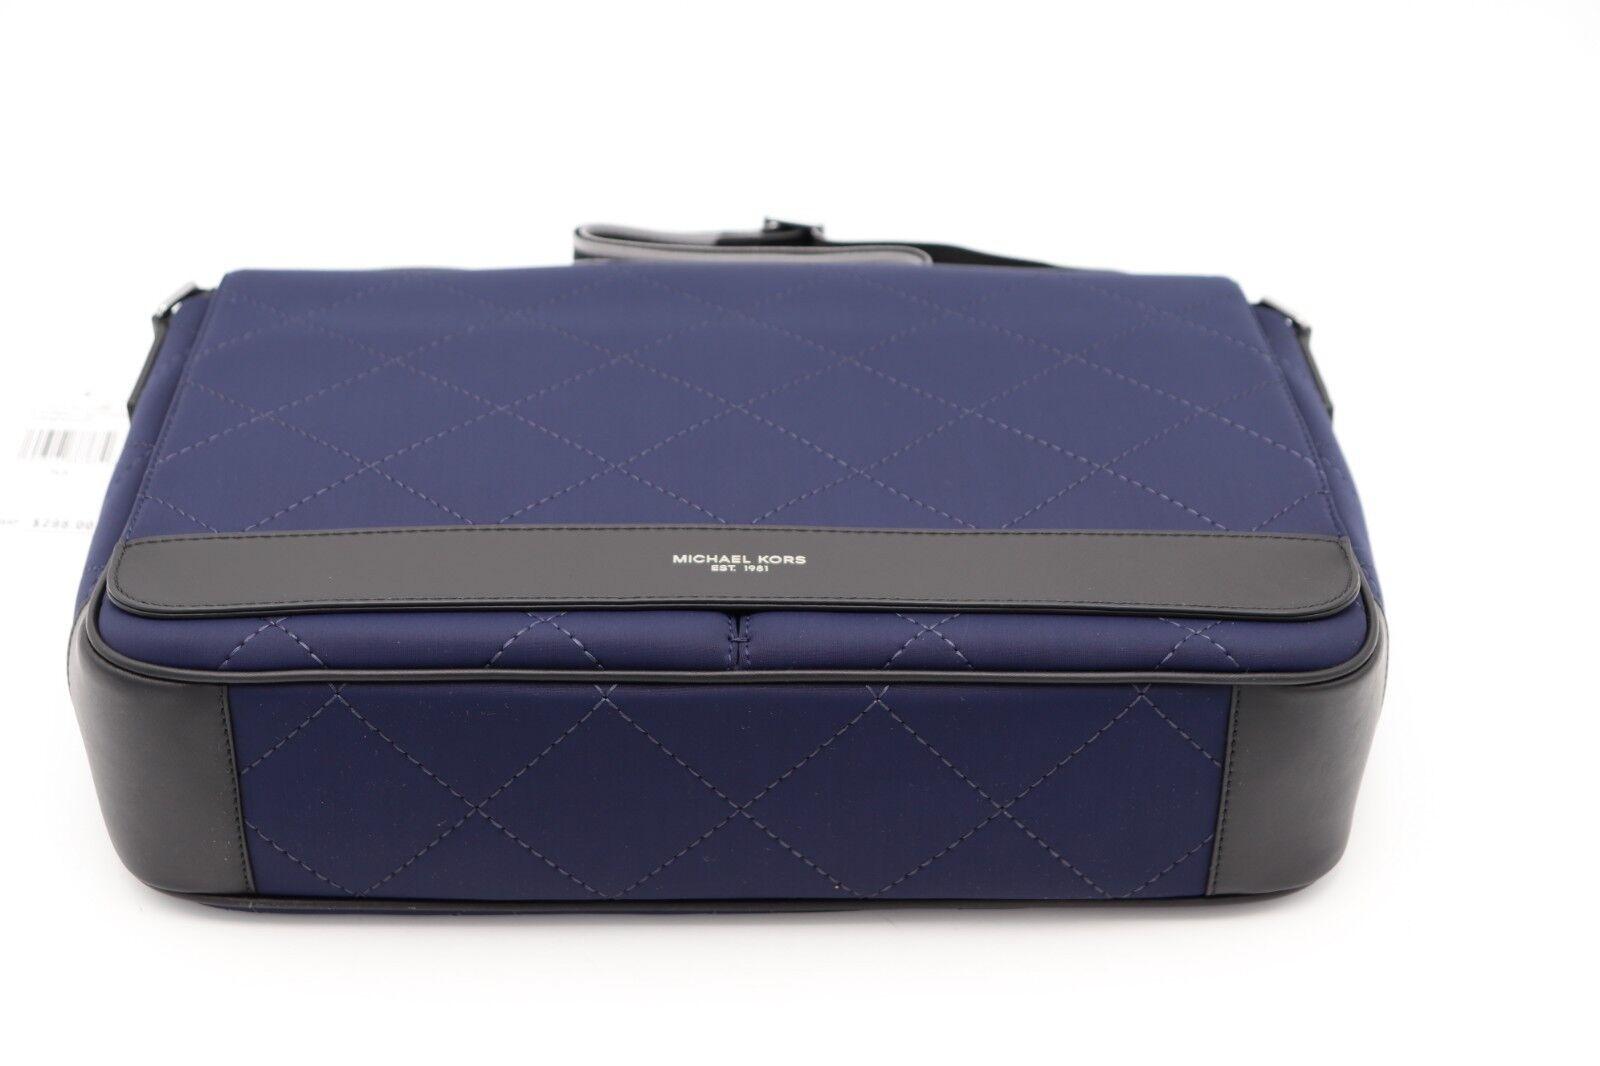 44cff2f439e0 Michael Kors Mens Odin Blue Quilted Neoprene EW Messenger Bag for sale  online | eBay